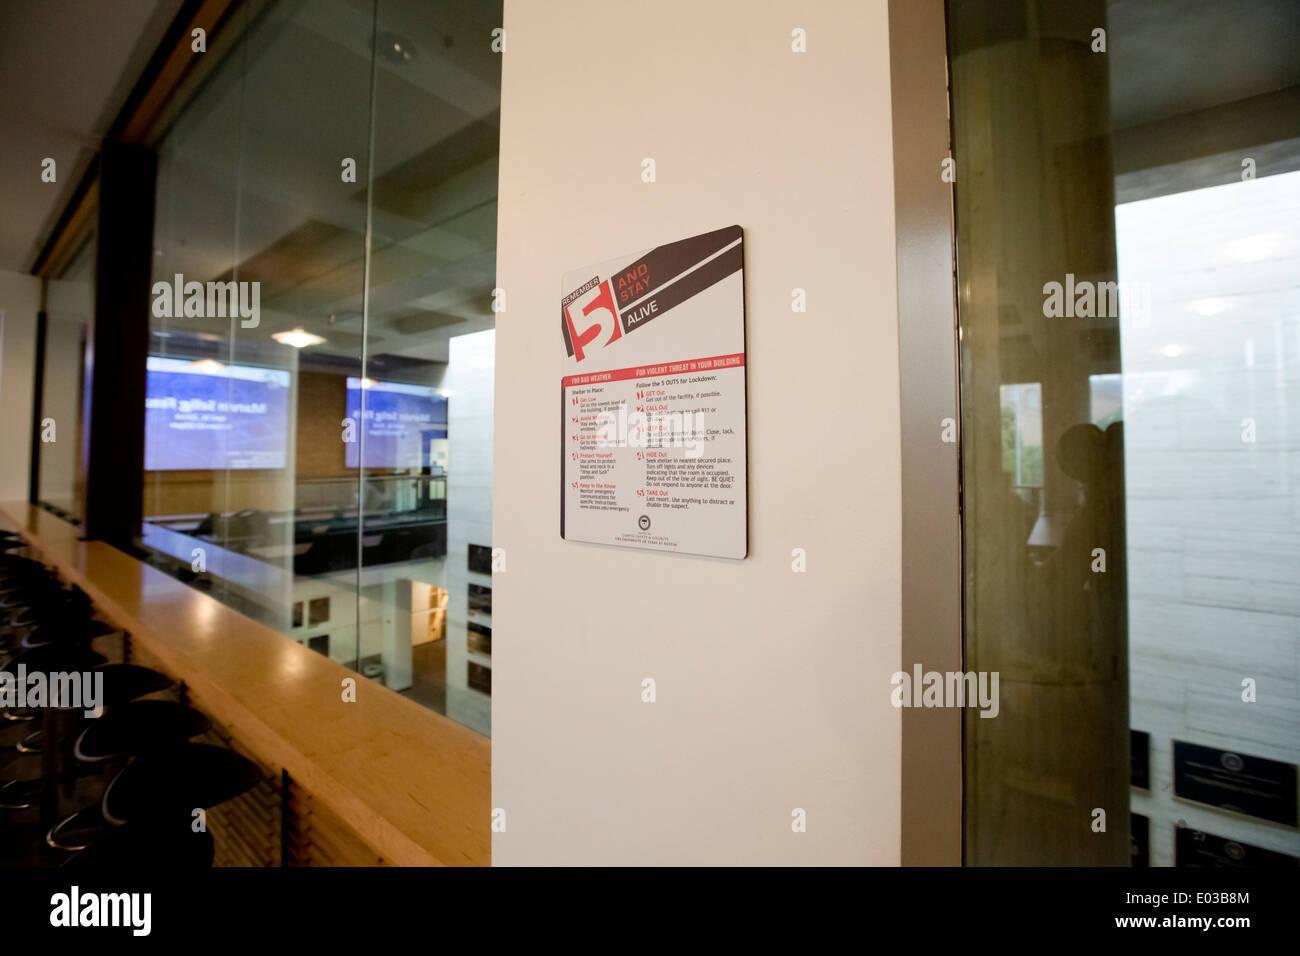 Inscrivez-affichés à l'intérieur University au Texas en donnant des conseils de sécurité en cas de mauvais temps ou de menace de violence Photo Stock